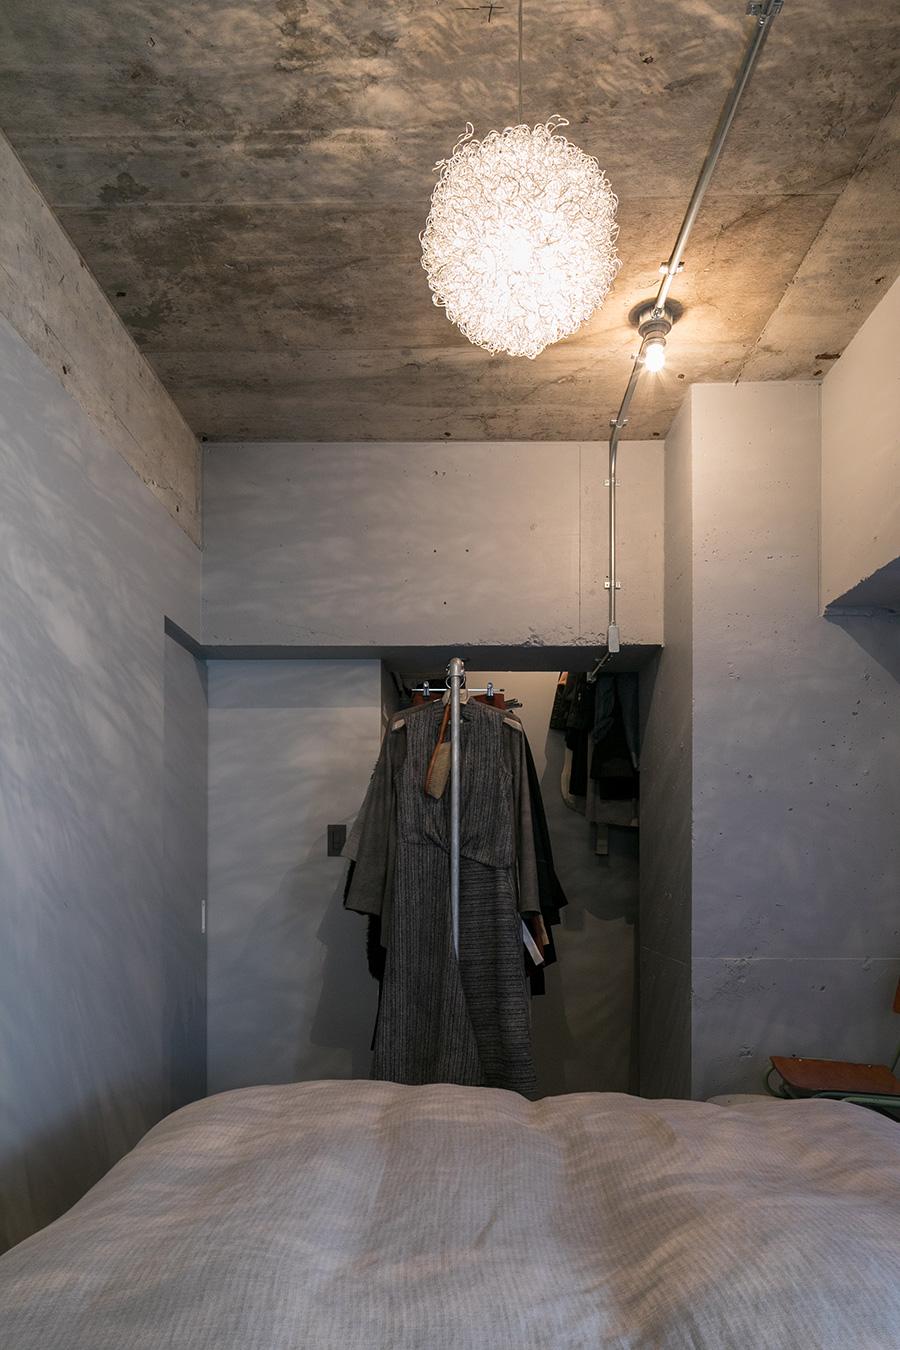 「寝室のワイヤーを使ったペンダントライトは、僕が一人暮らしをしていた頃から使っているものです。壁や天井に映る影がキレイです」